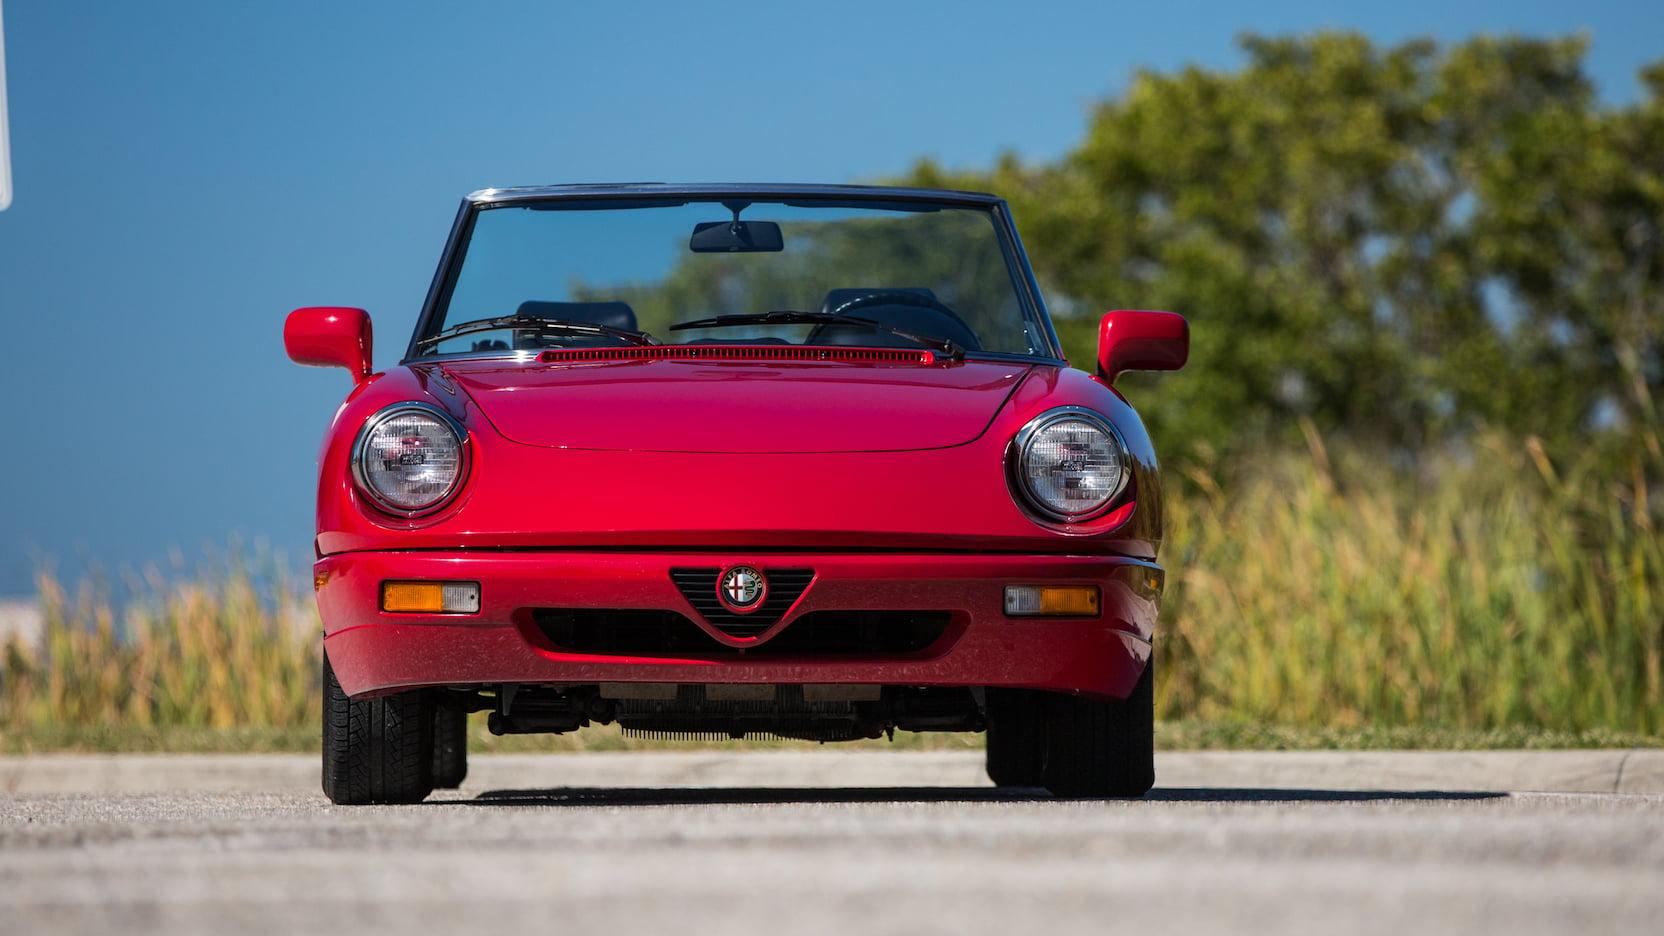 1992 Alfa Romeo Spider front